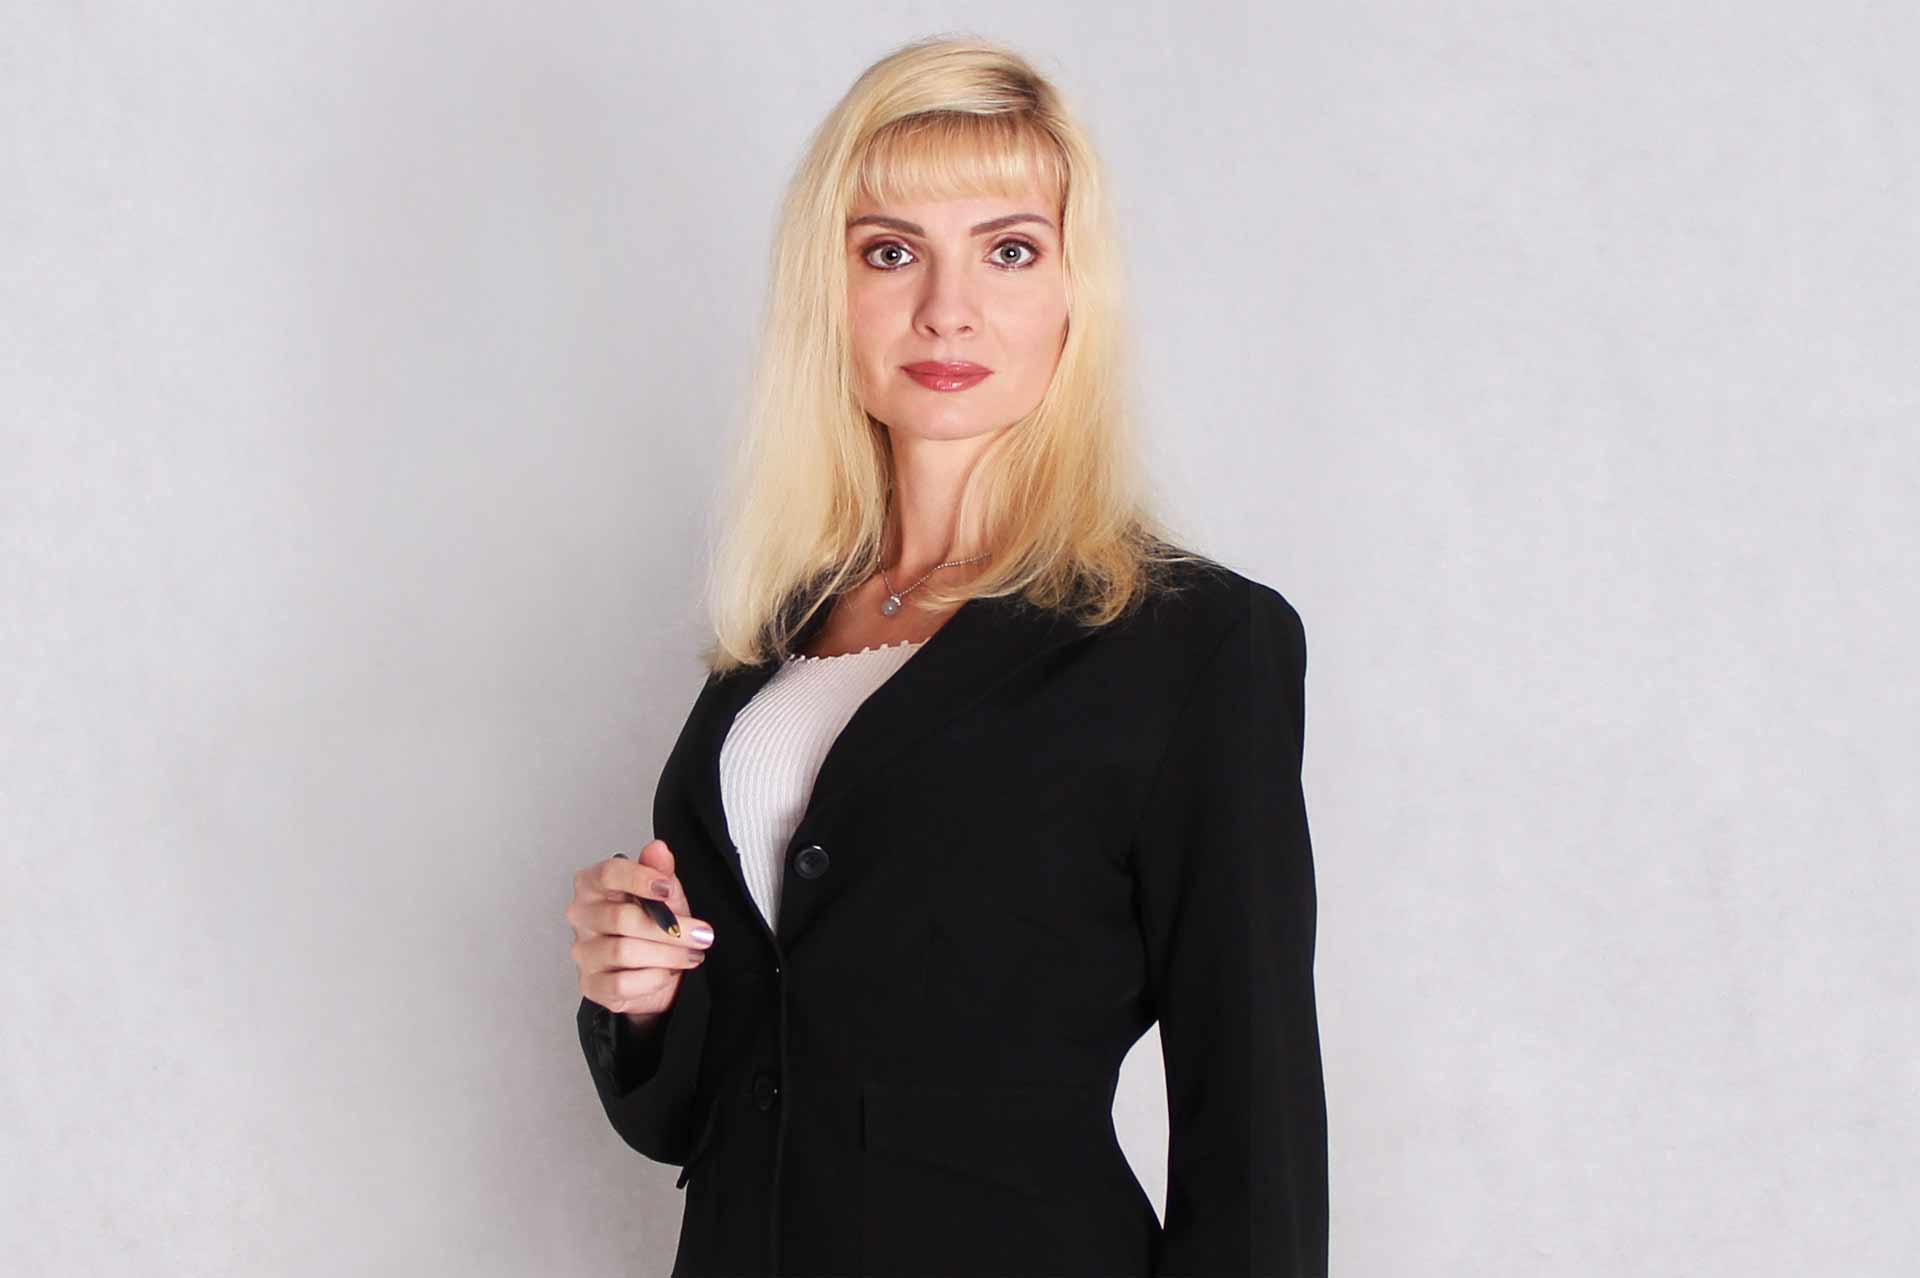 Вера Бокарева. Бизнес-тренер и  консультант в области продаж, маркетинга, профессиональной и личной эффективности